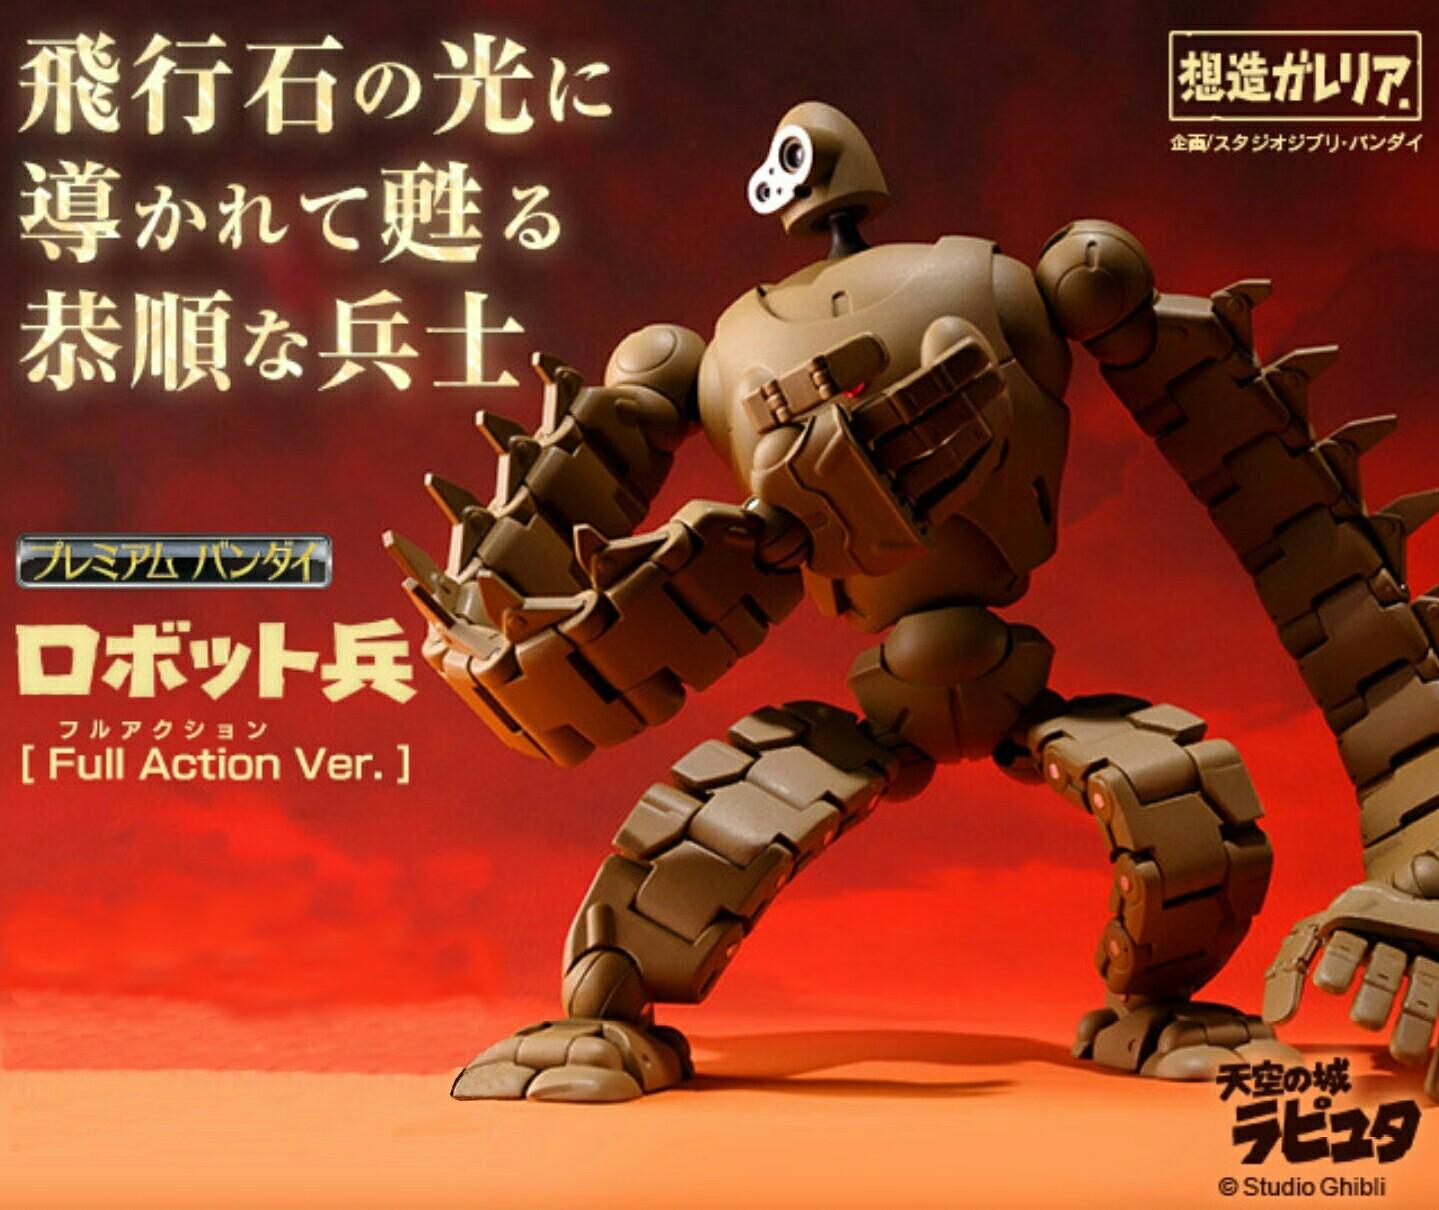 天空の城ラピュタに出てくるロボット兵のフィギュアが発売する